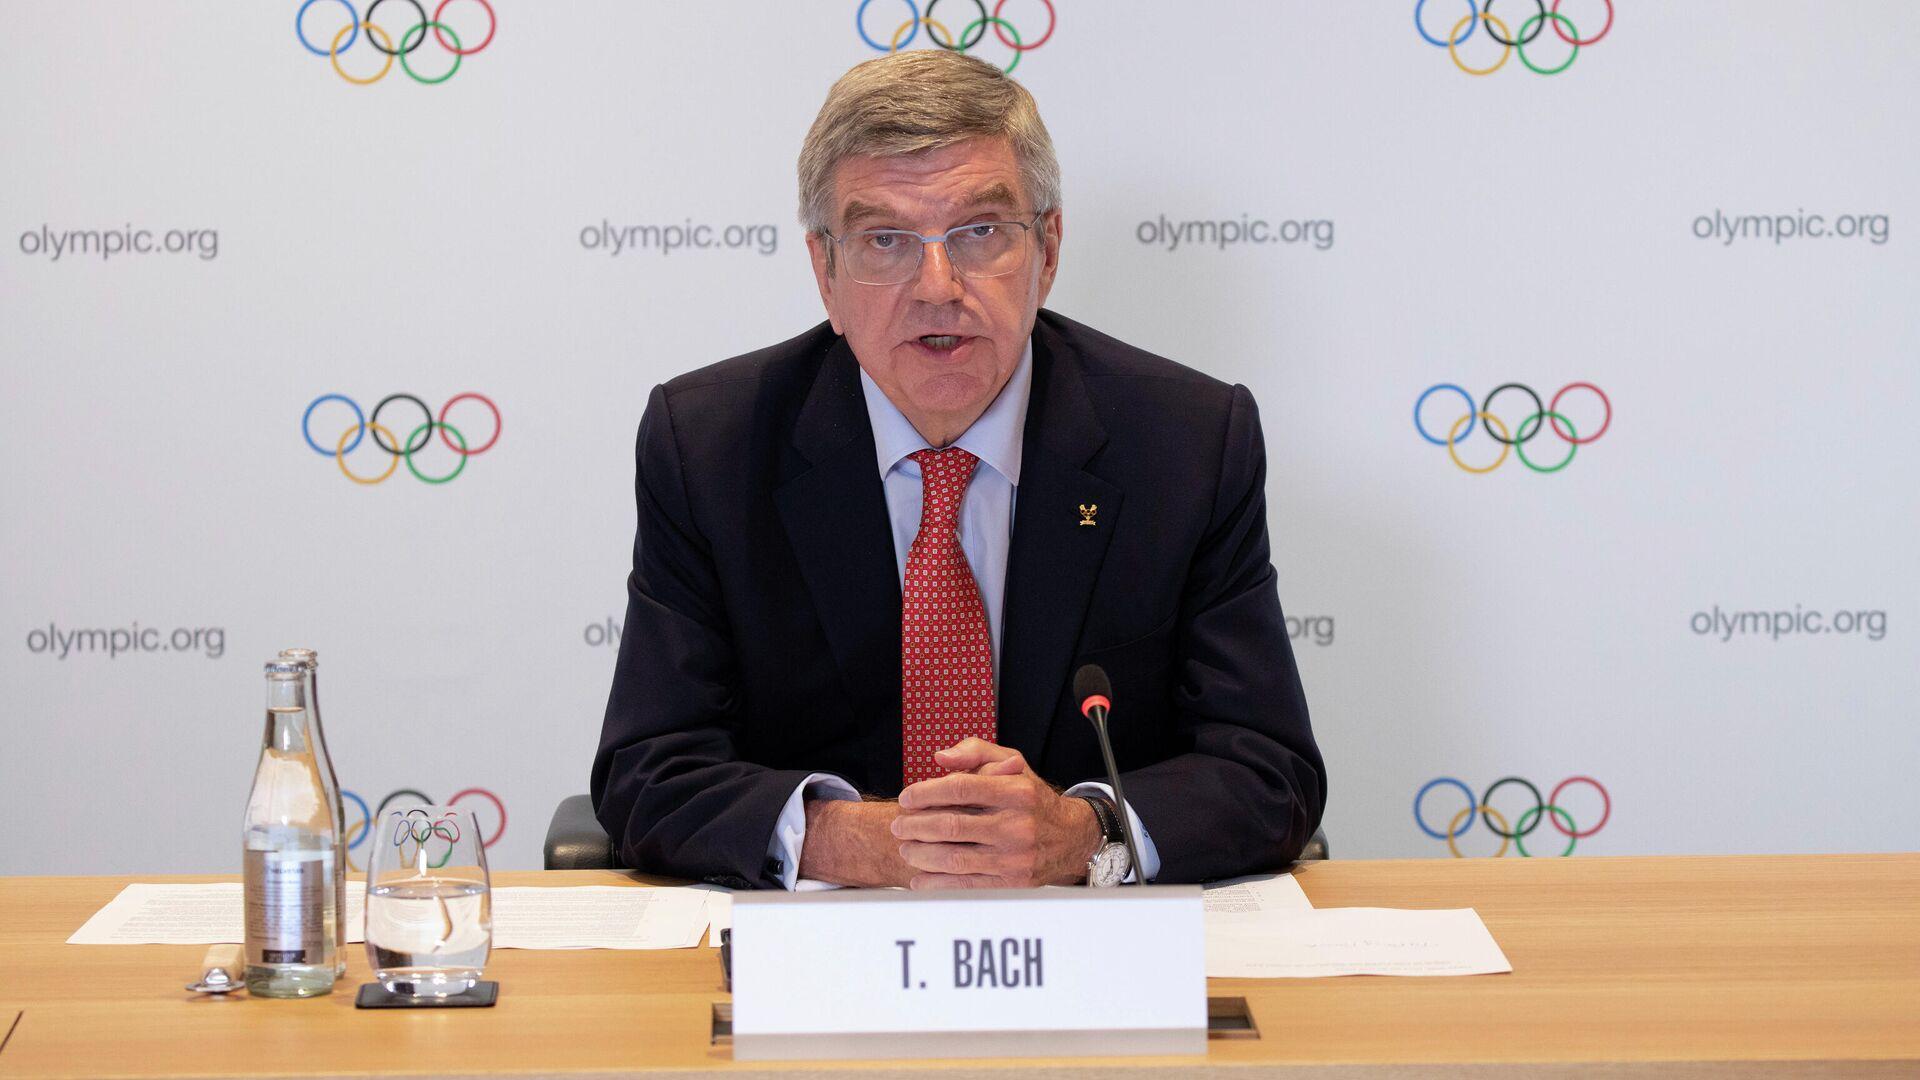 Президент Международного олимпийского комитета Томас Бах - РИА Новости, 1920, 23.07.2020